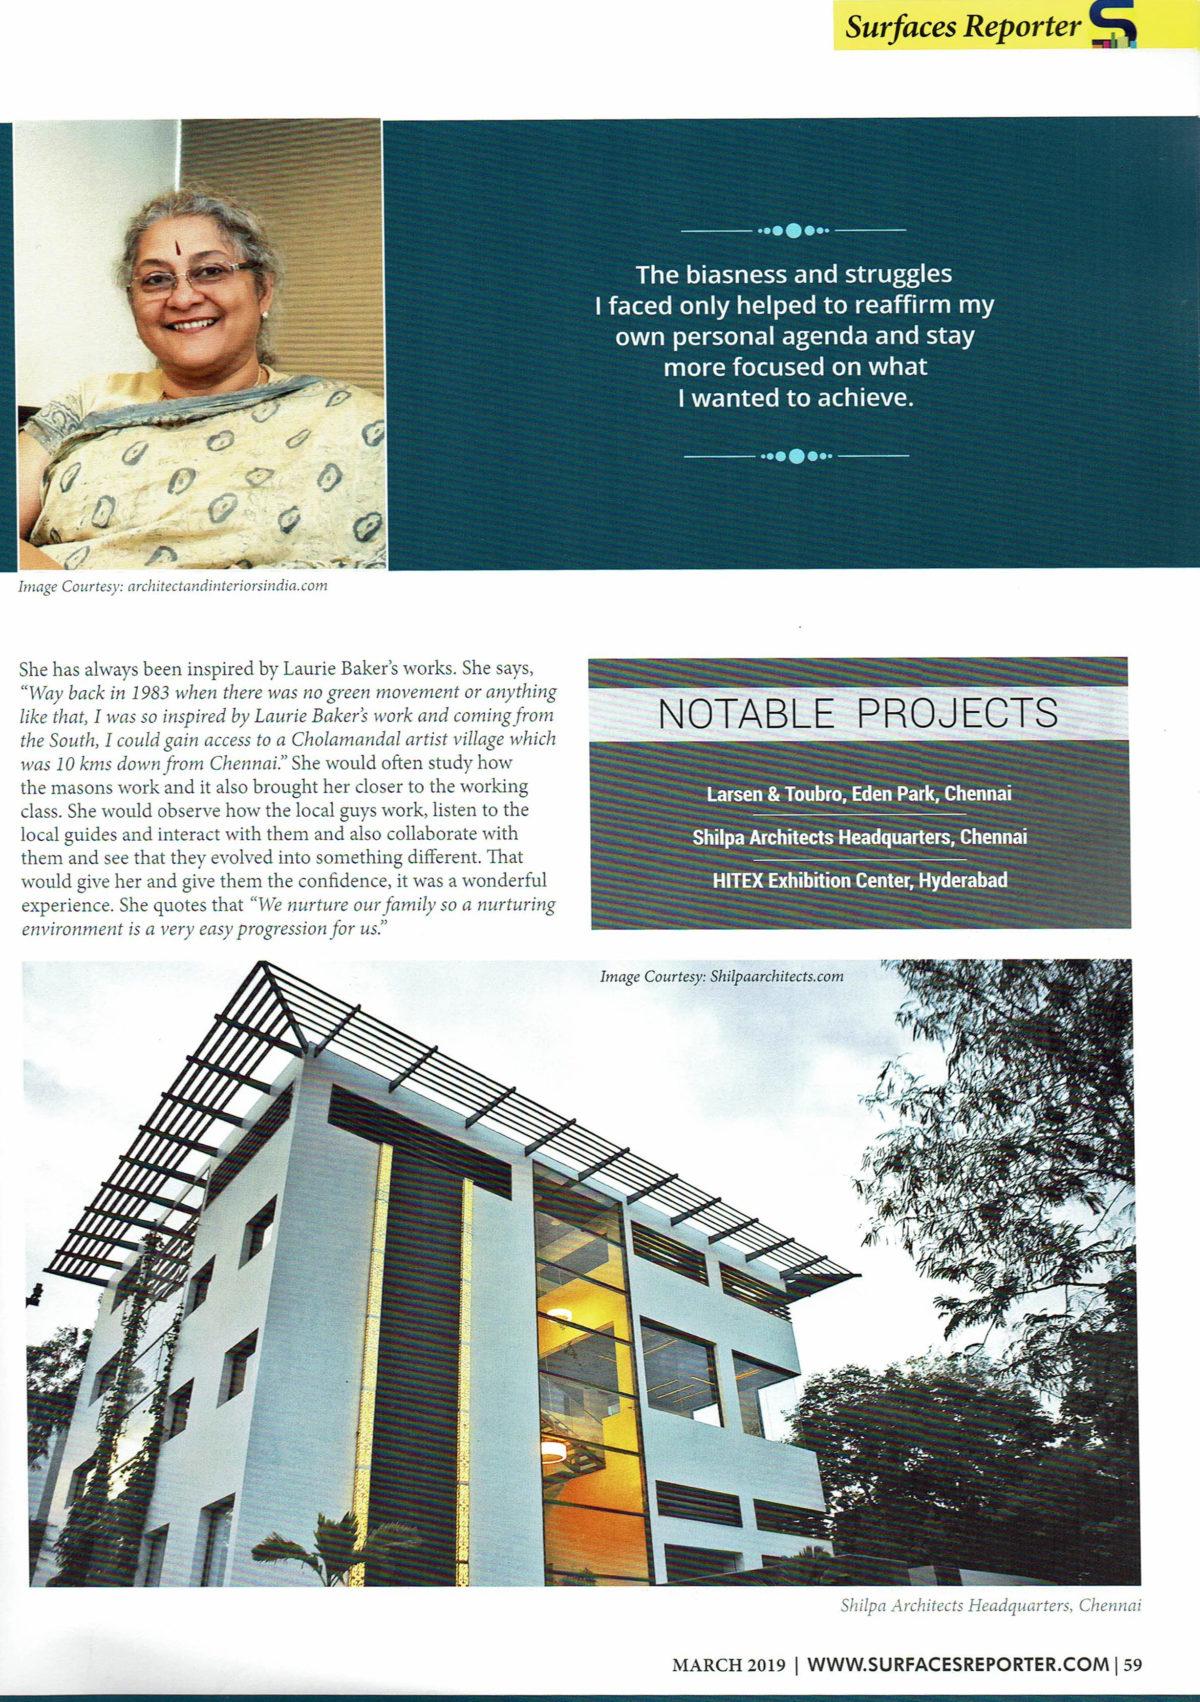 Shilpa Architects Headquarters,Chennai